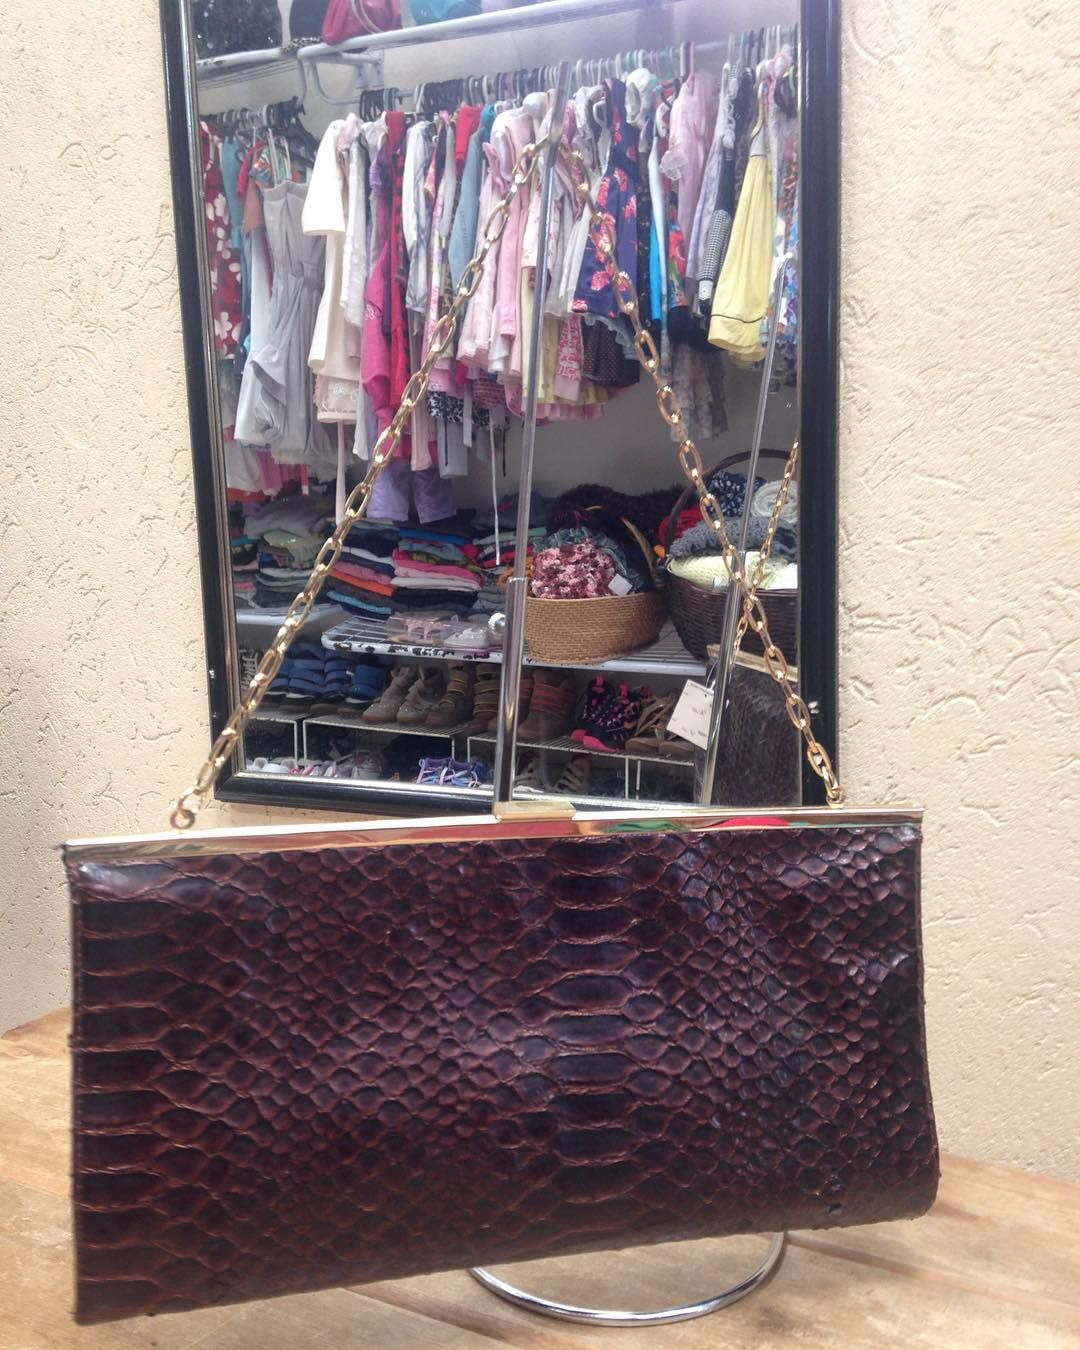 Bolsa tipo carteira com corrente dourada  super chique  #bolsa: #carteira #Aldo  #brechocamarimtododianovidade  #brecho .